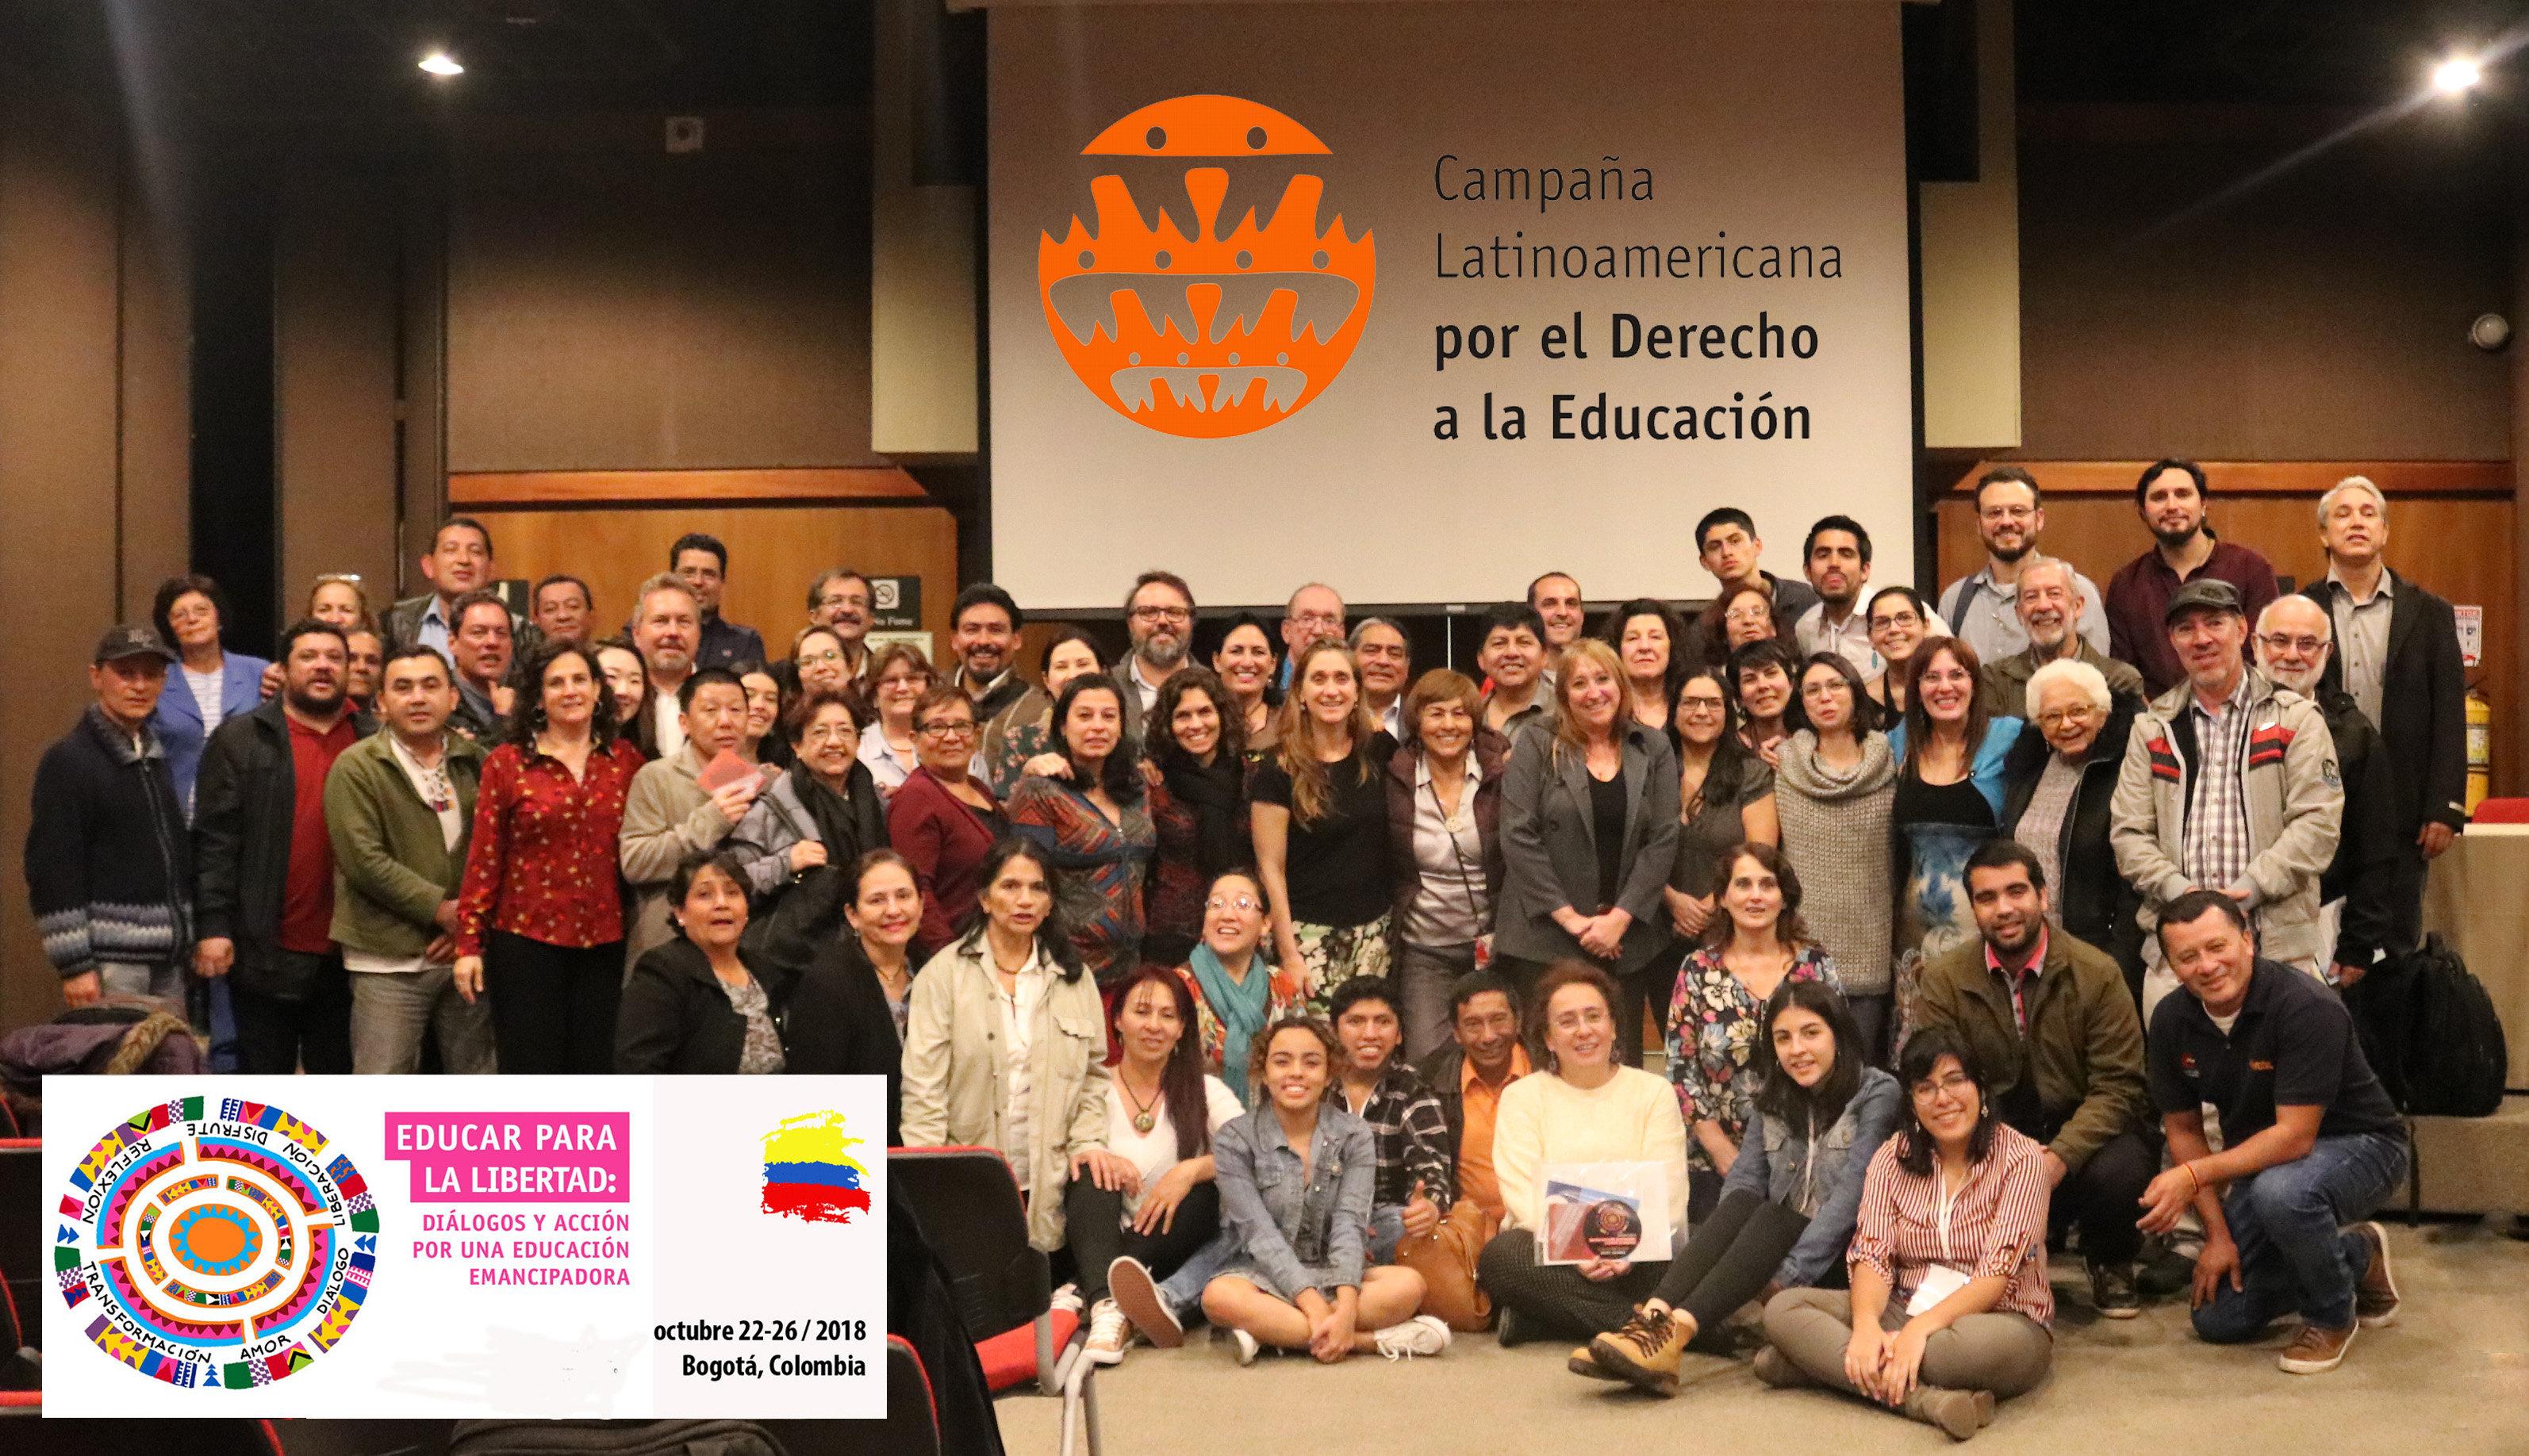 X Asamblea Regional de la CLADE hace un llamado por la realización de una educación emancipadora y garante de derechos